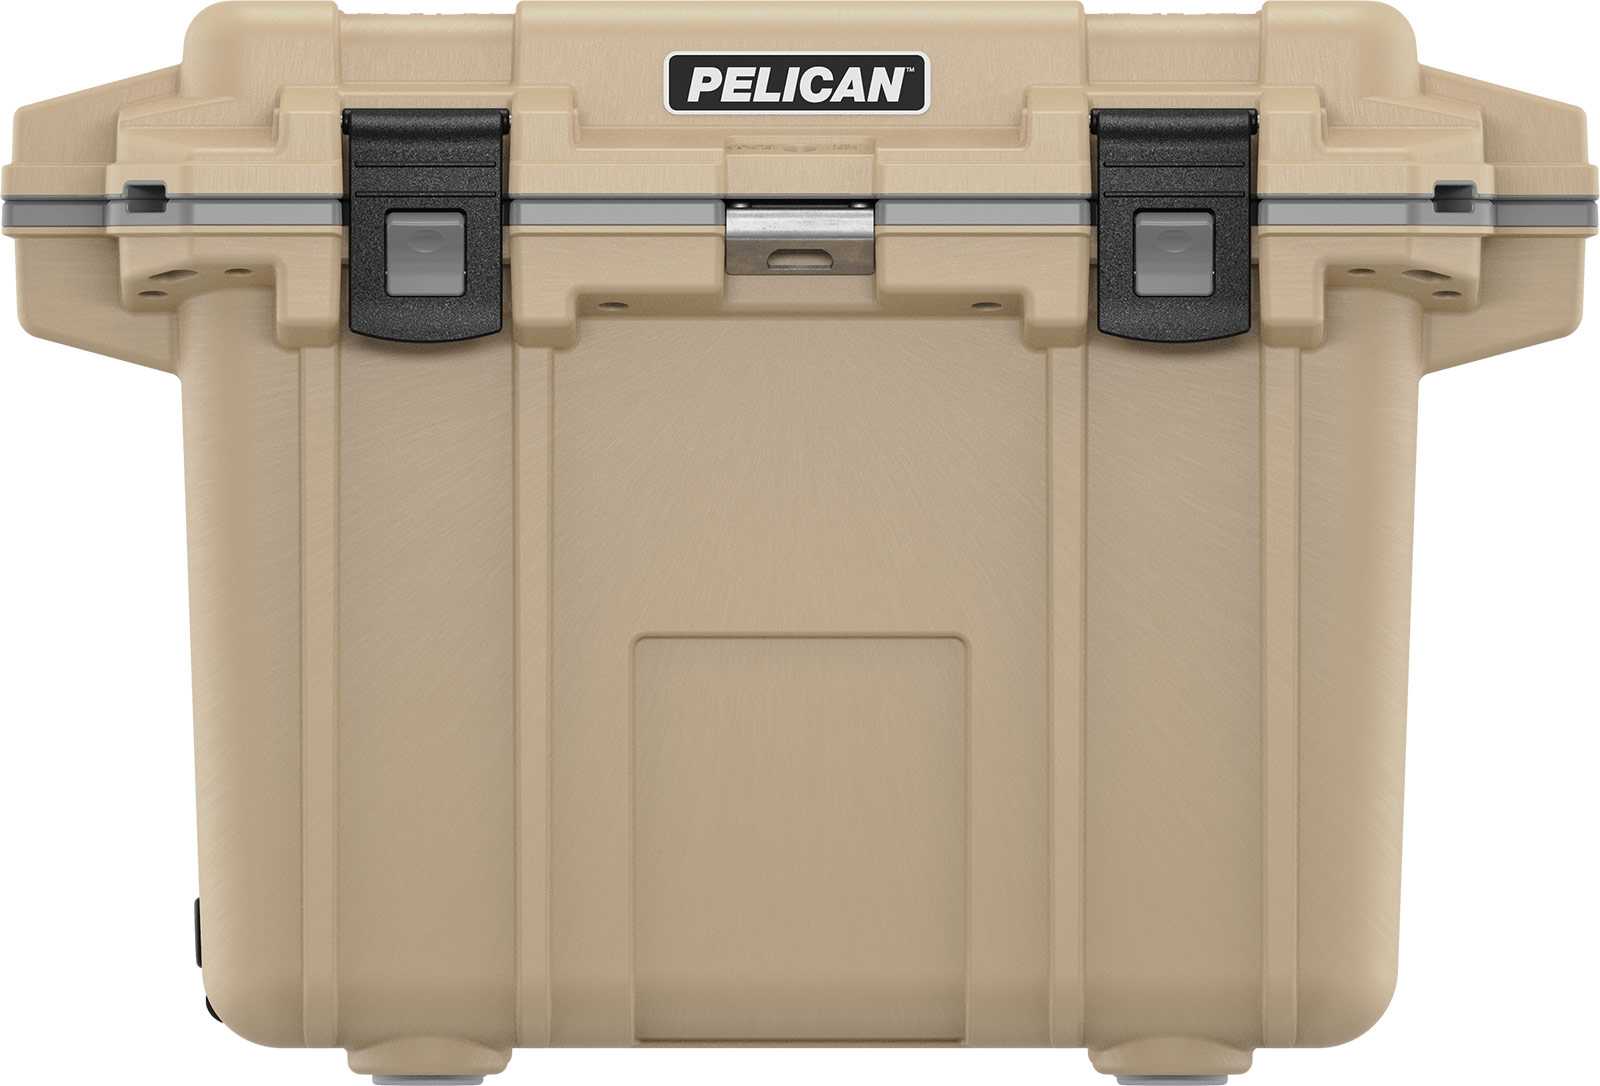 pelican tan outdoor coolers 50qt overland